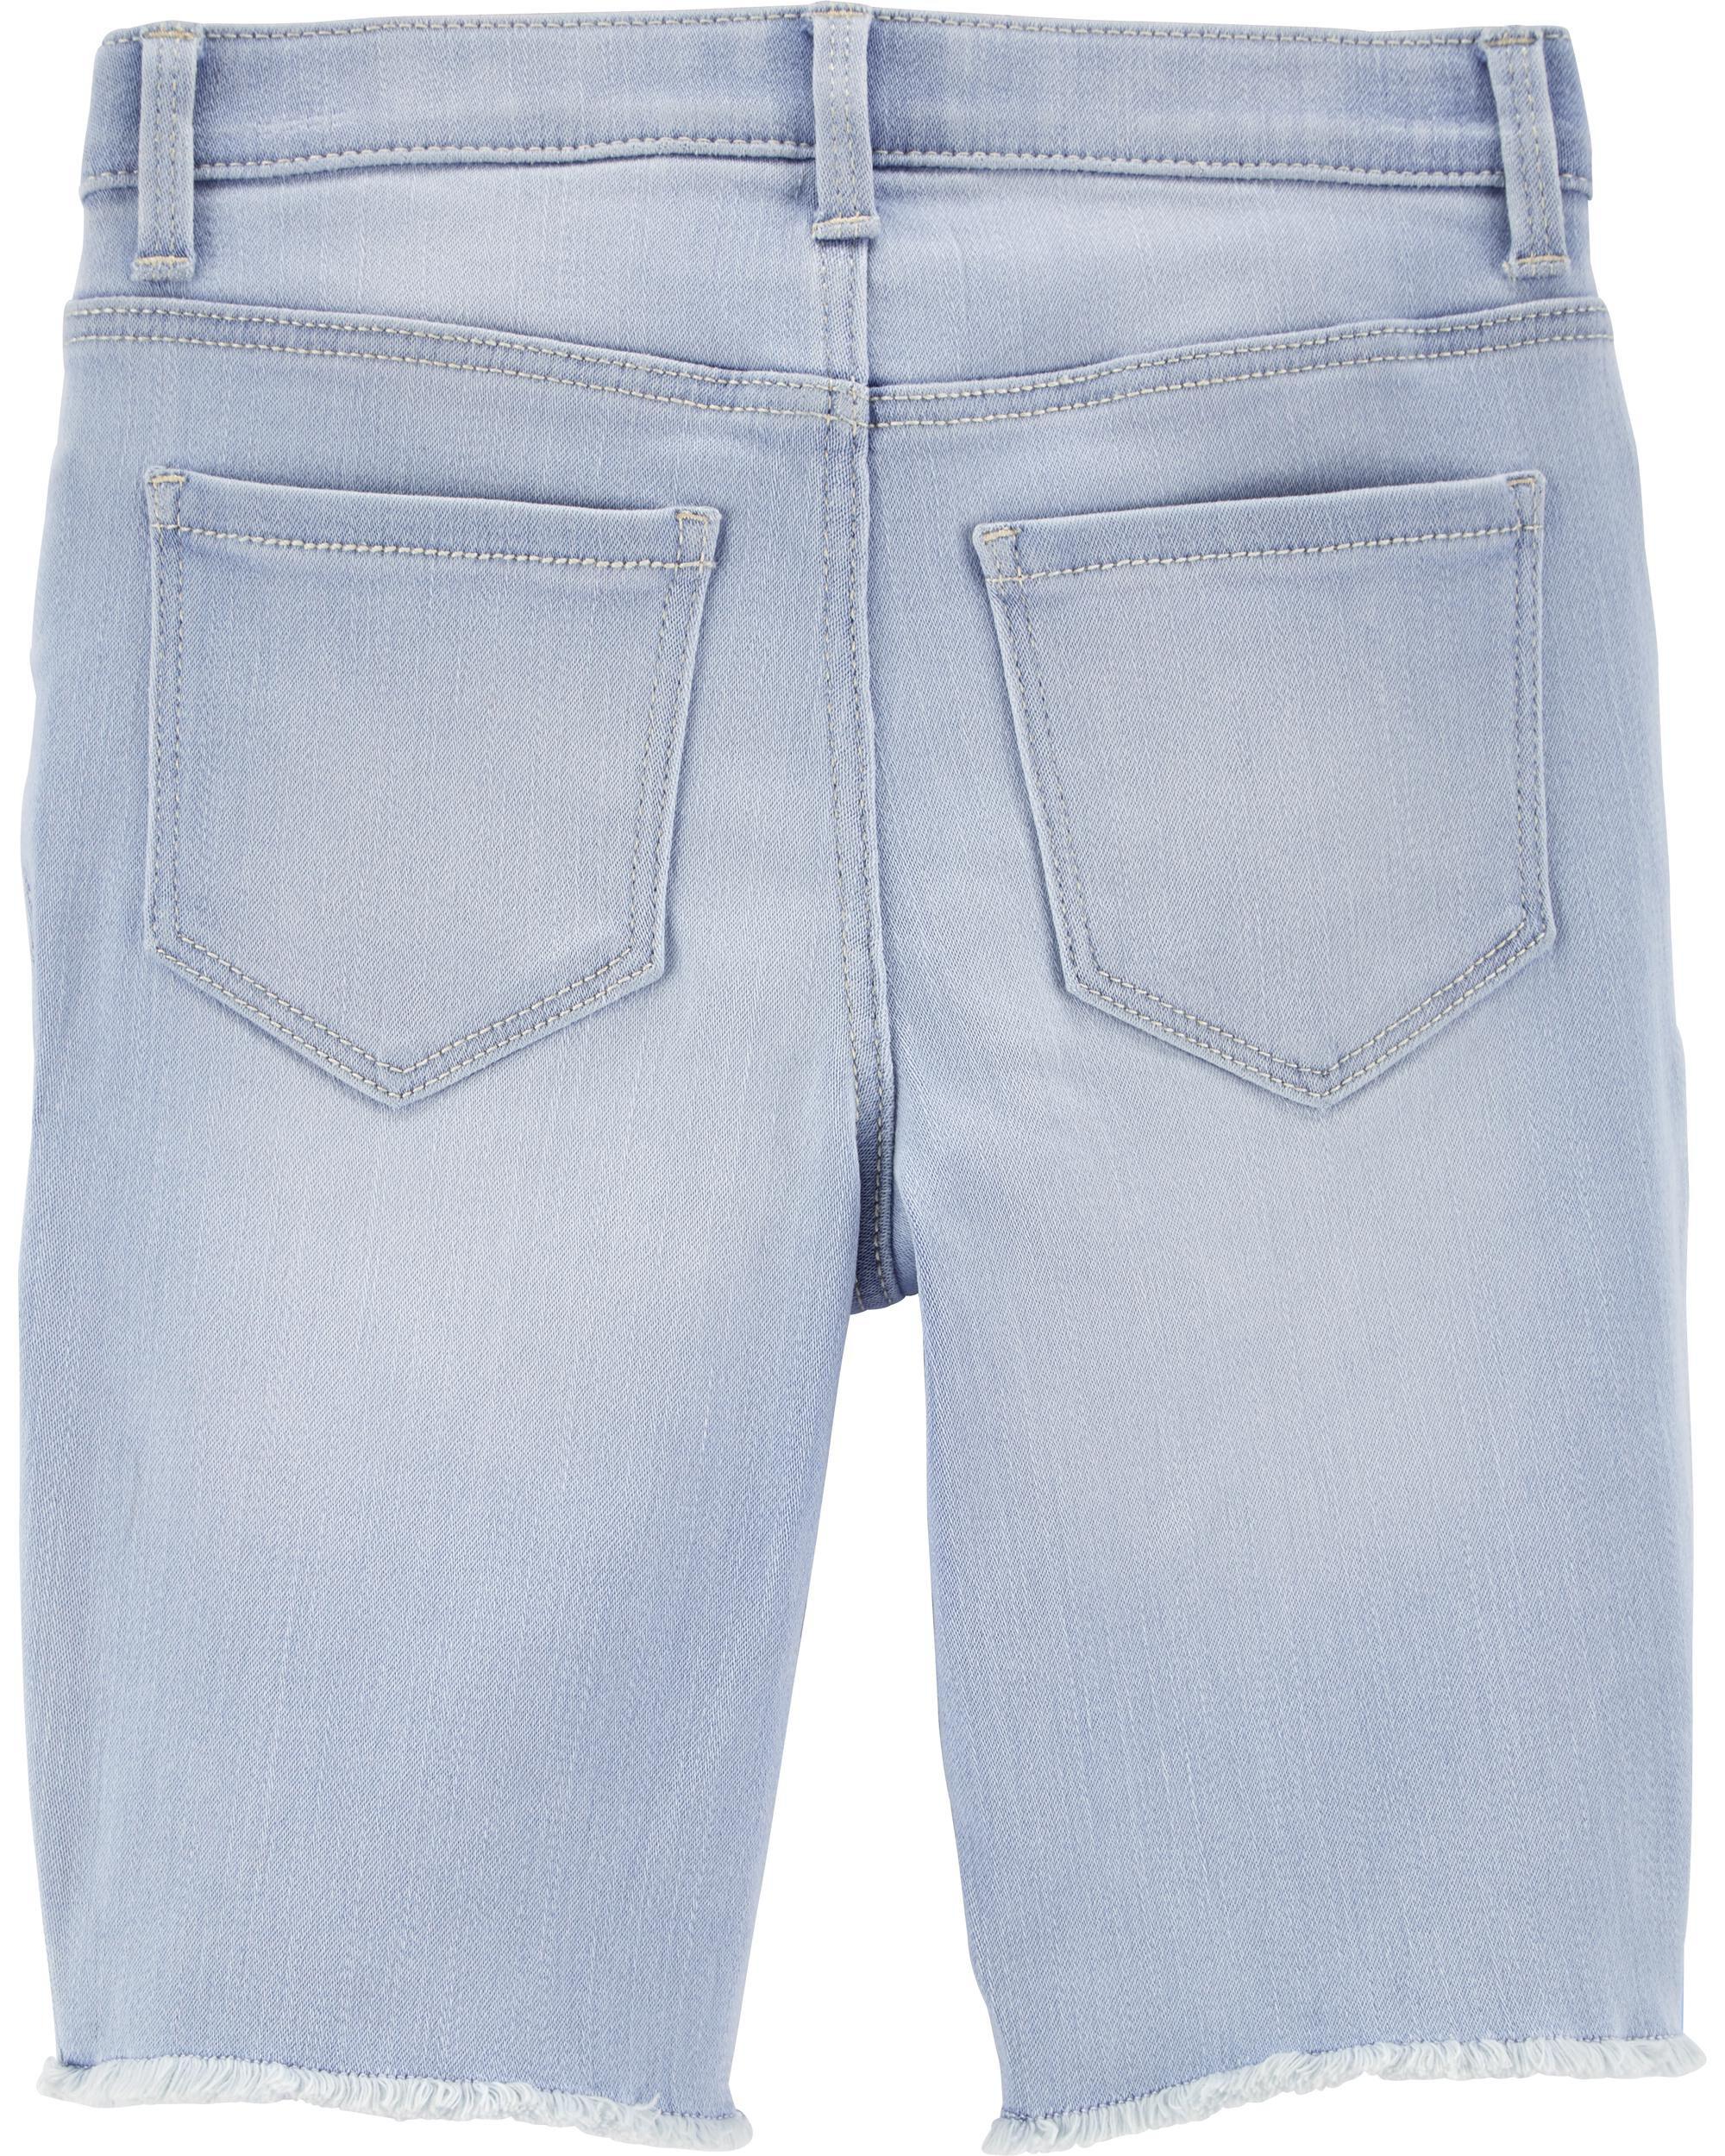 OshKosh BGosh Girls Skimmer Short